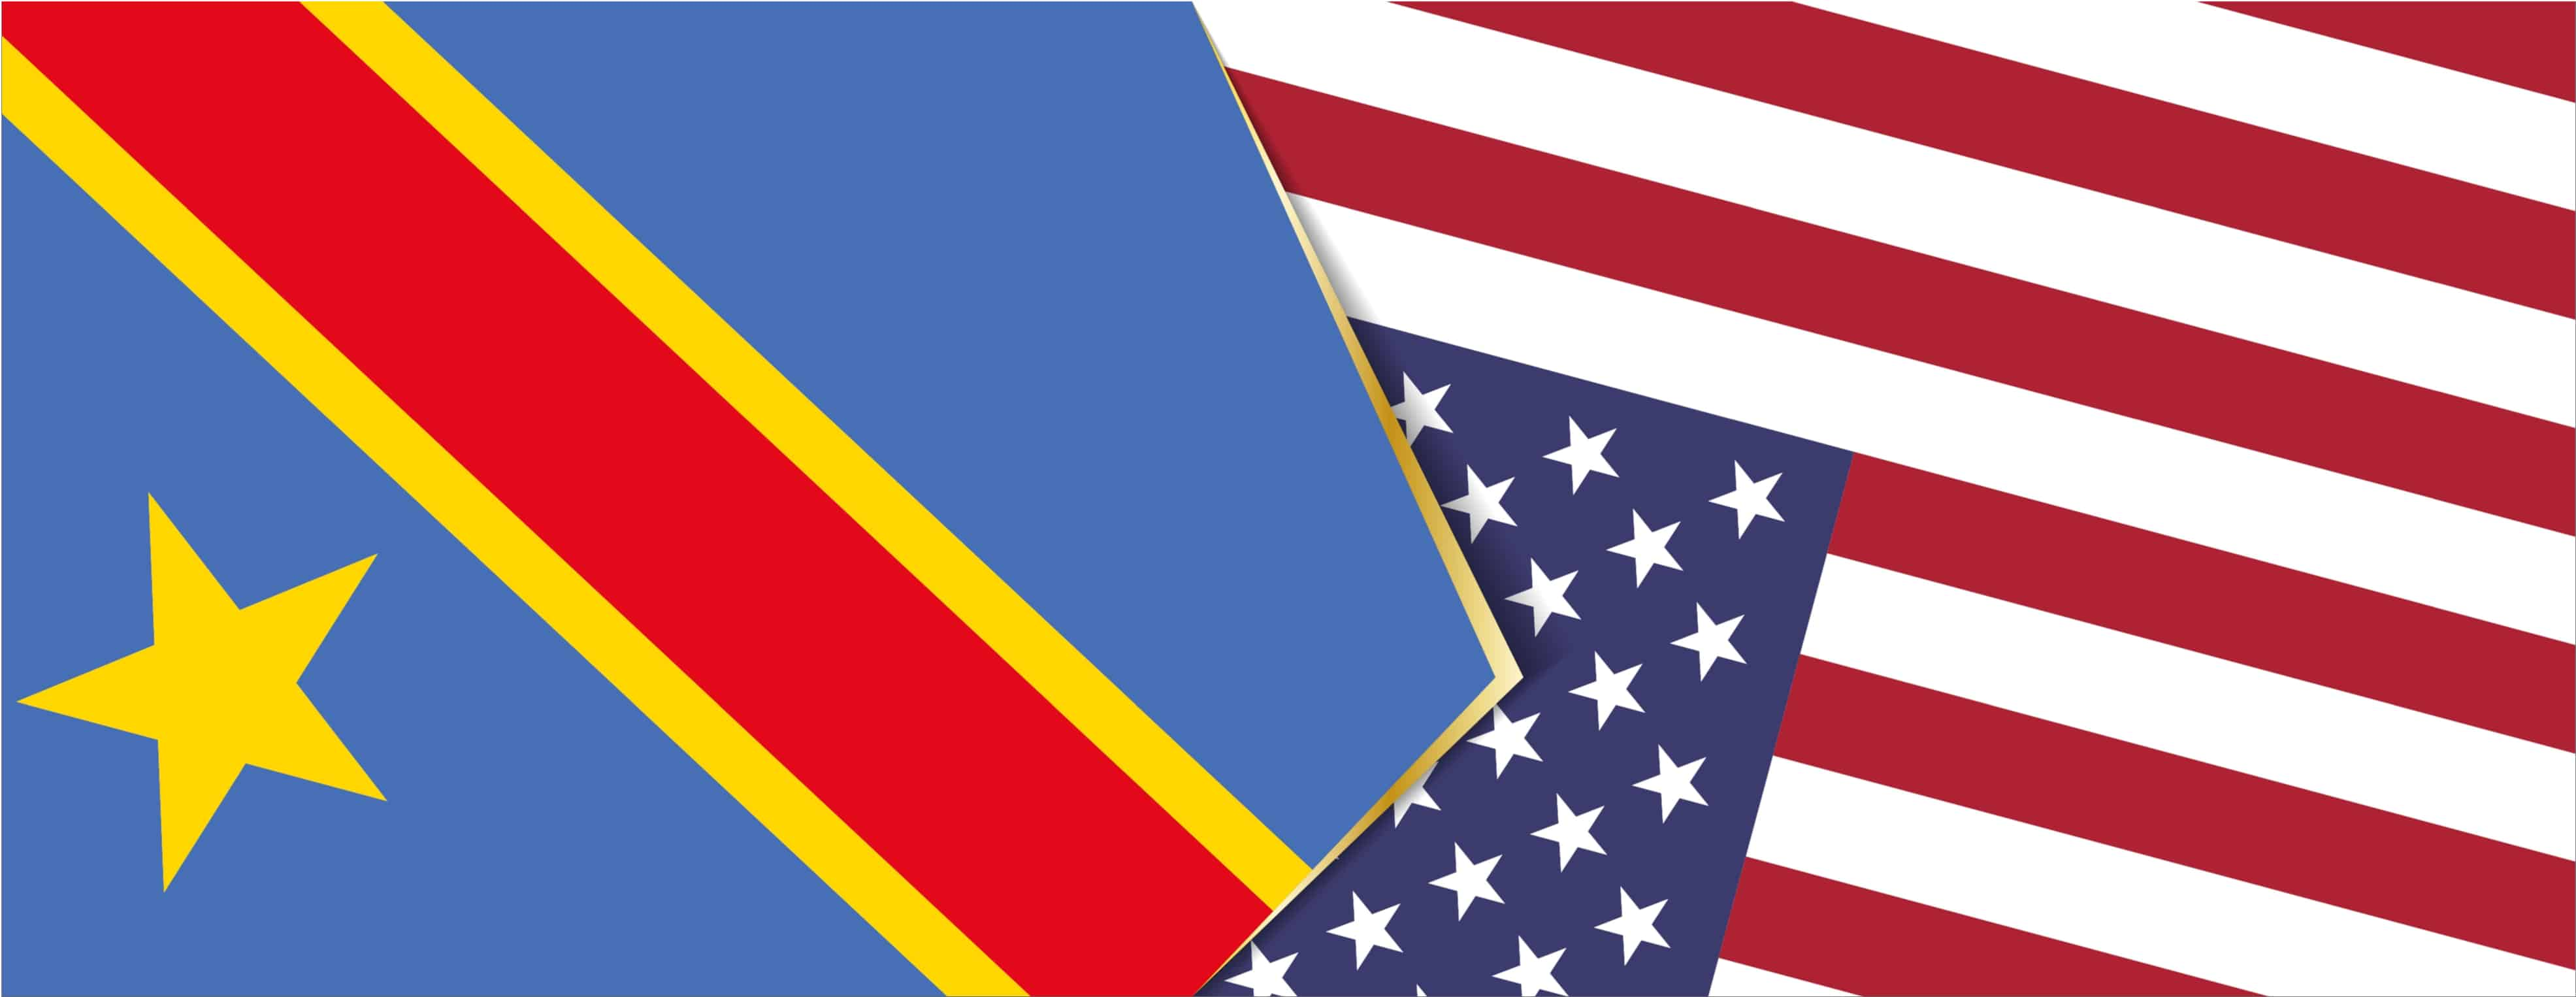 Rupture de la coalition au Congo : le président F. Tshisekedi démontre son allégeance aux Américains et aux Européens